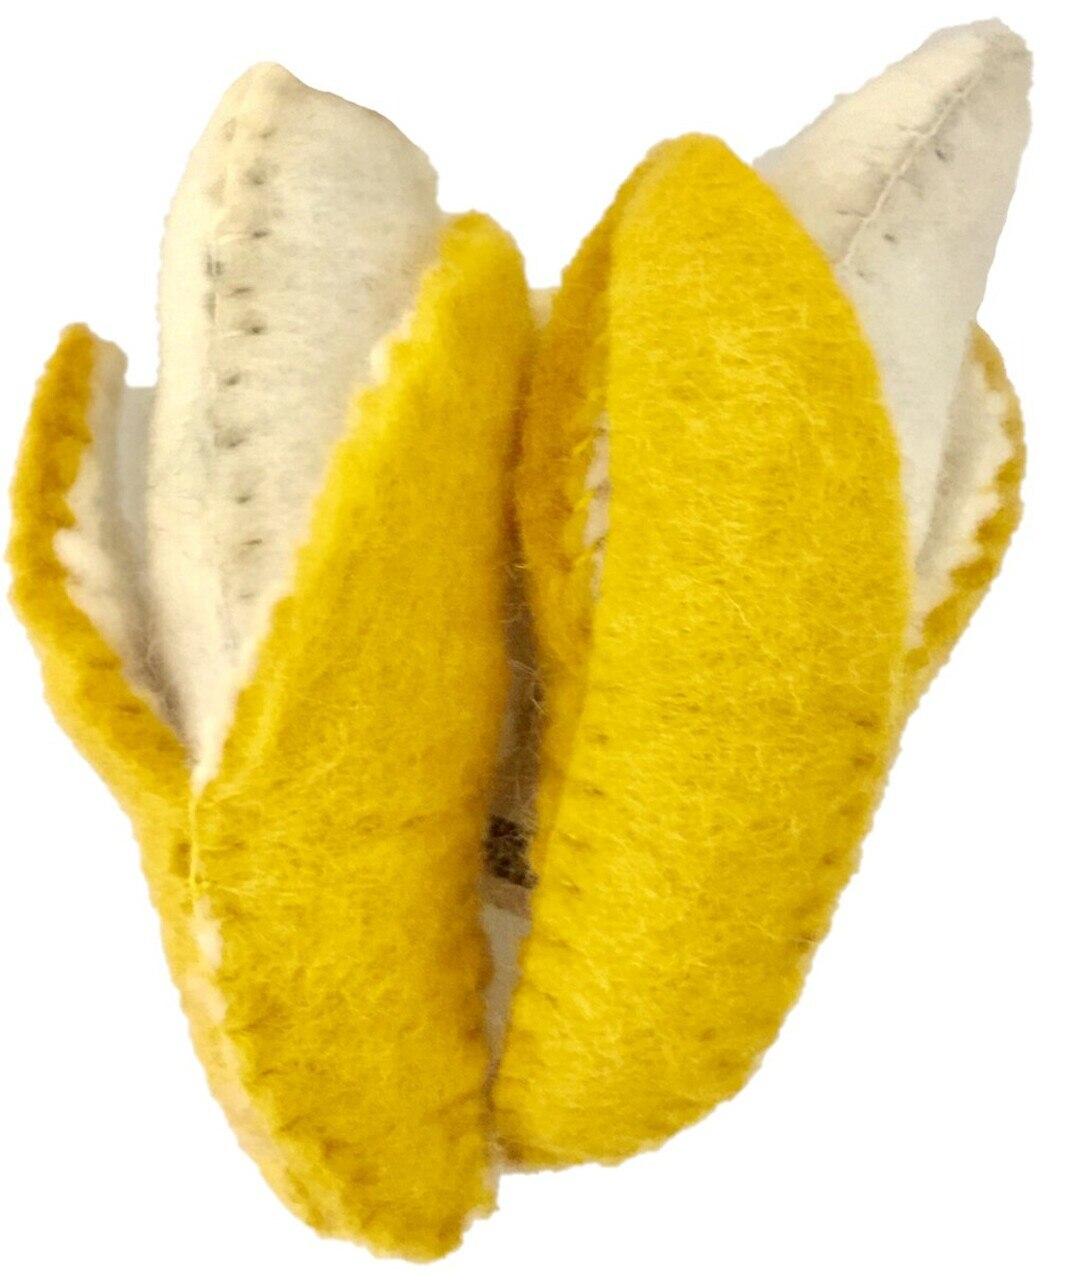 Banana Descascada | Papoose